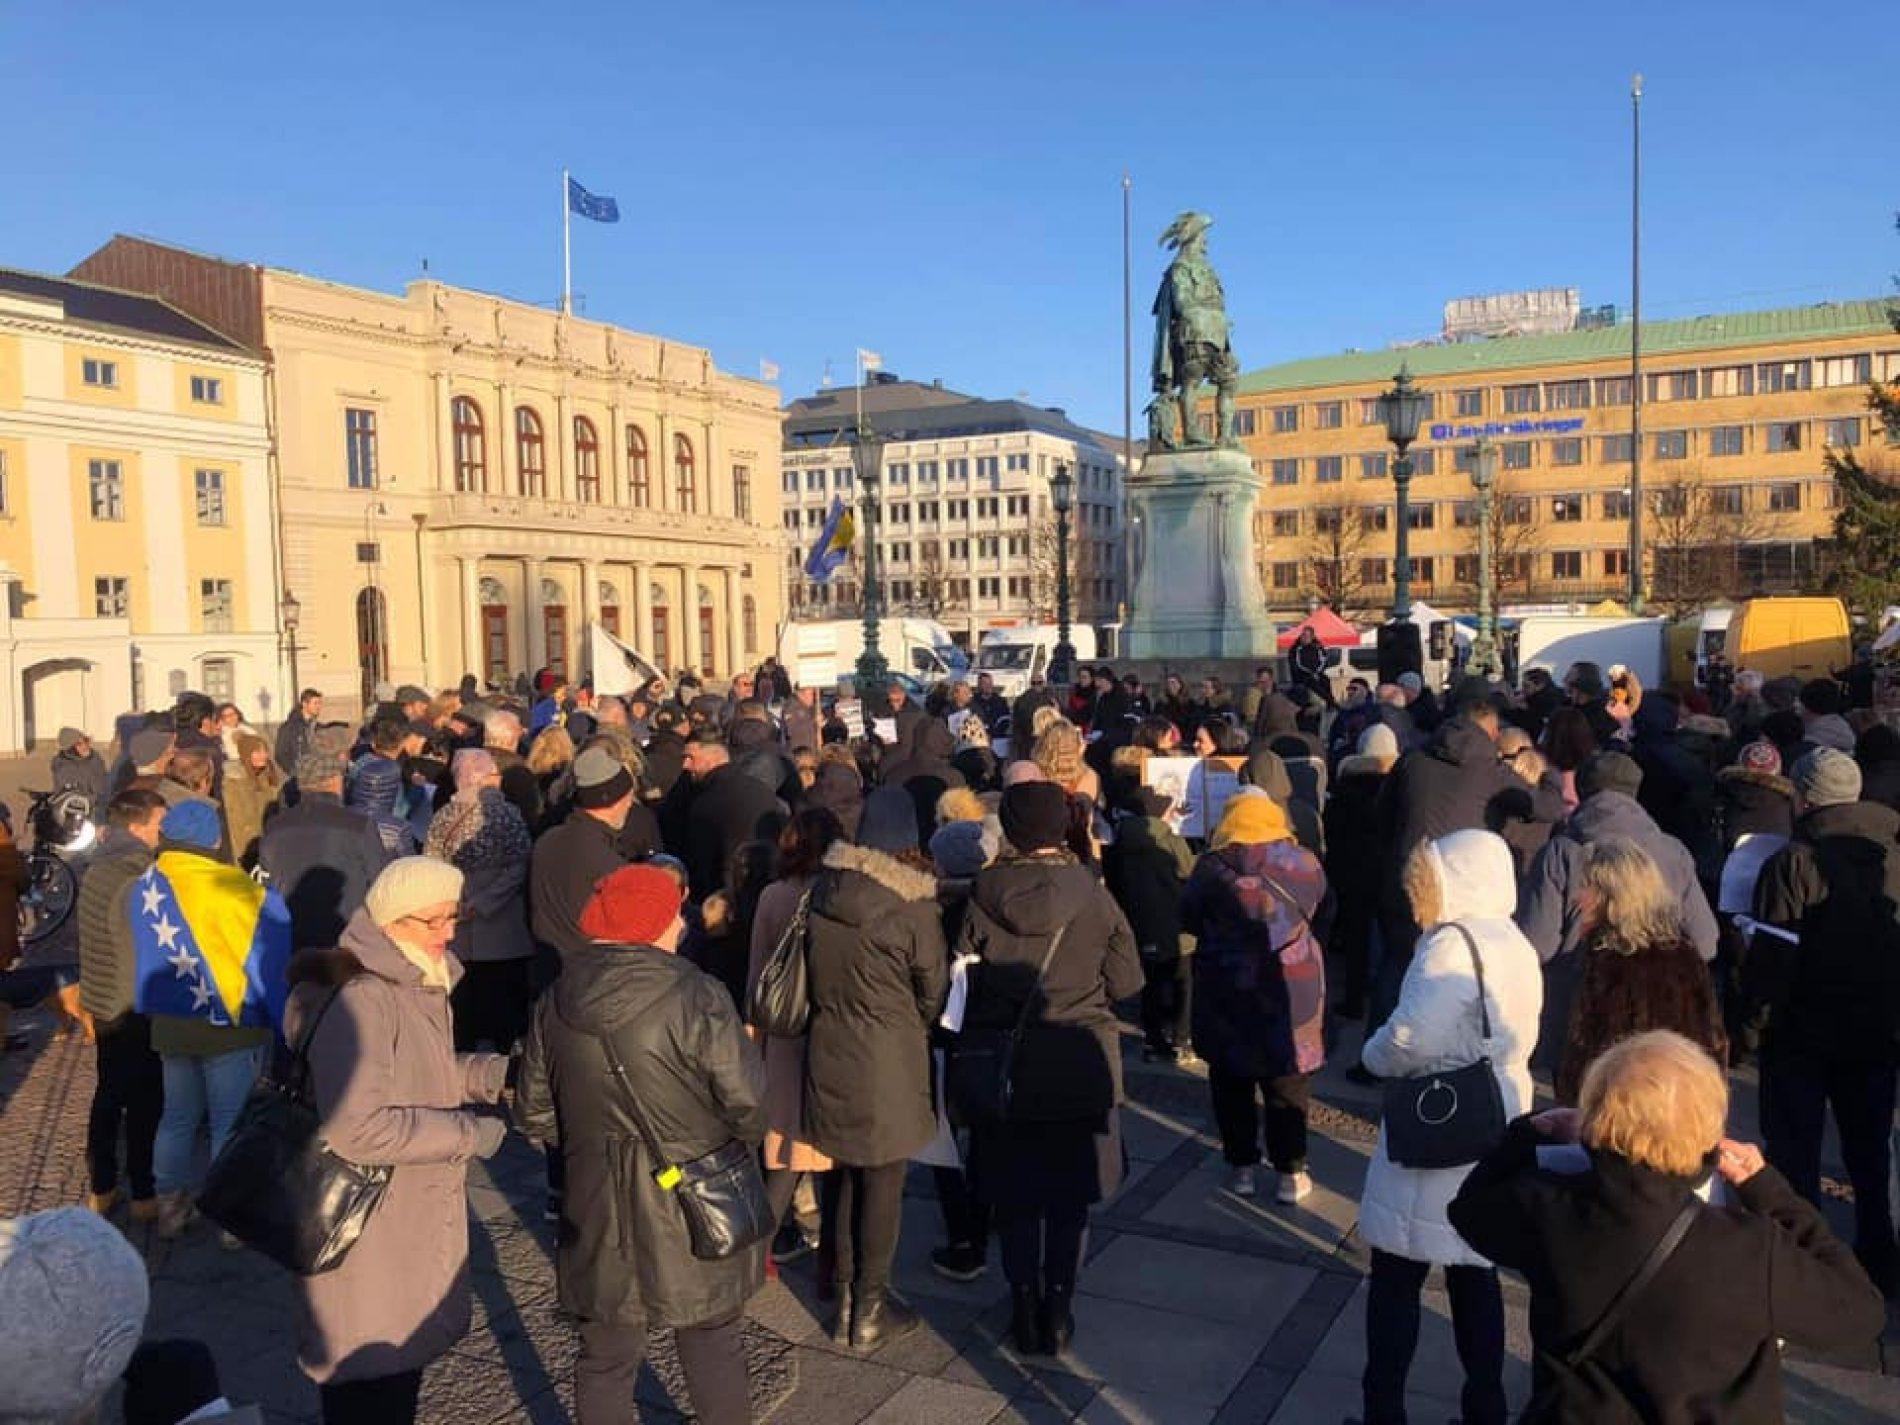 """Protesti u Geteborgu uz """"Srebrenički inferno"""": Odbrana istine, časti i dostojanstva nas i Nobela"""